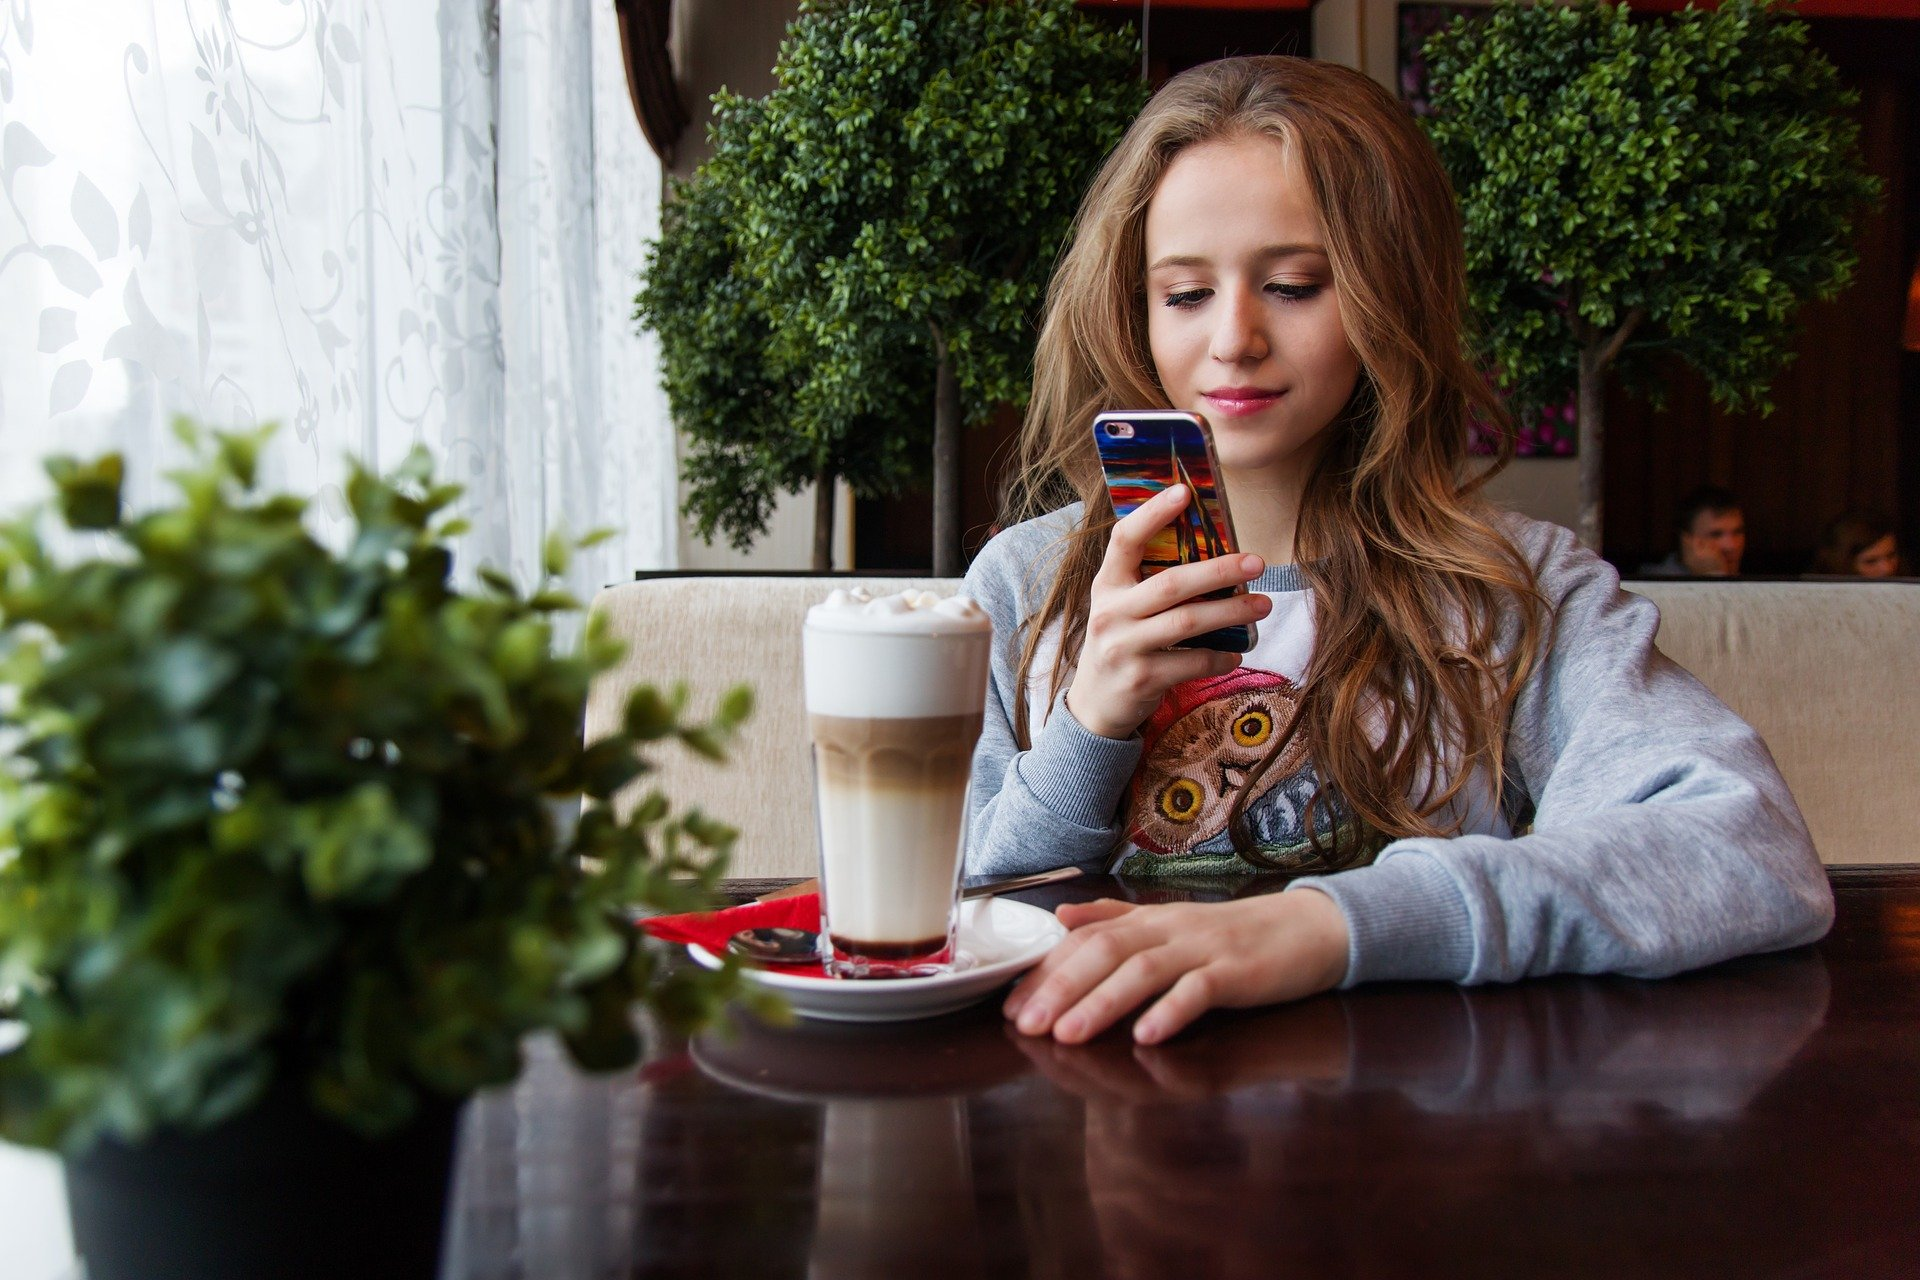 Скоро в школу: как выбрать мобильный тариф для ребенка